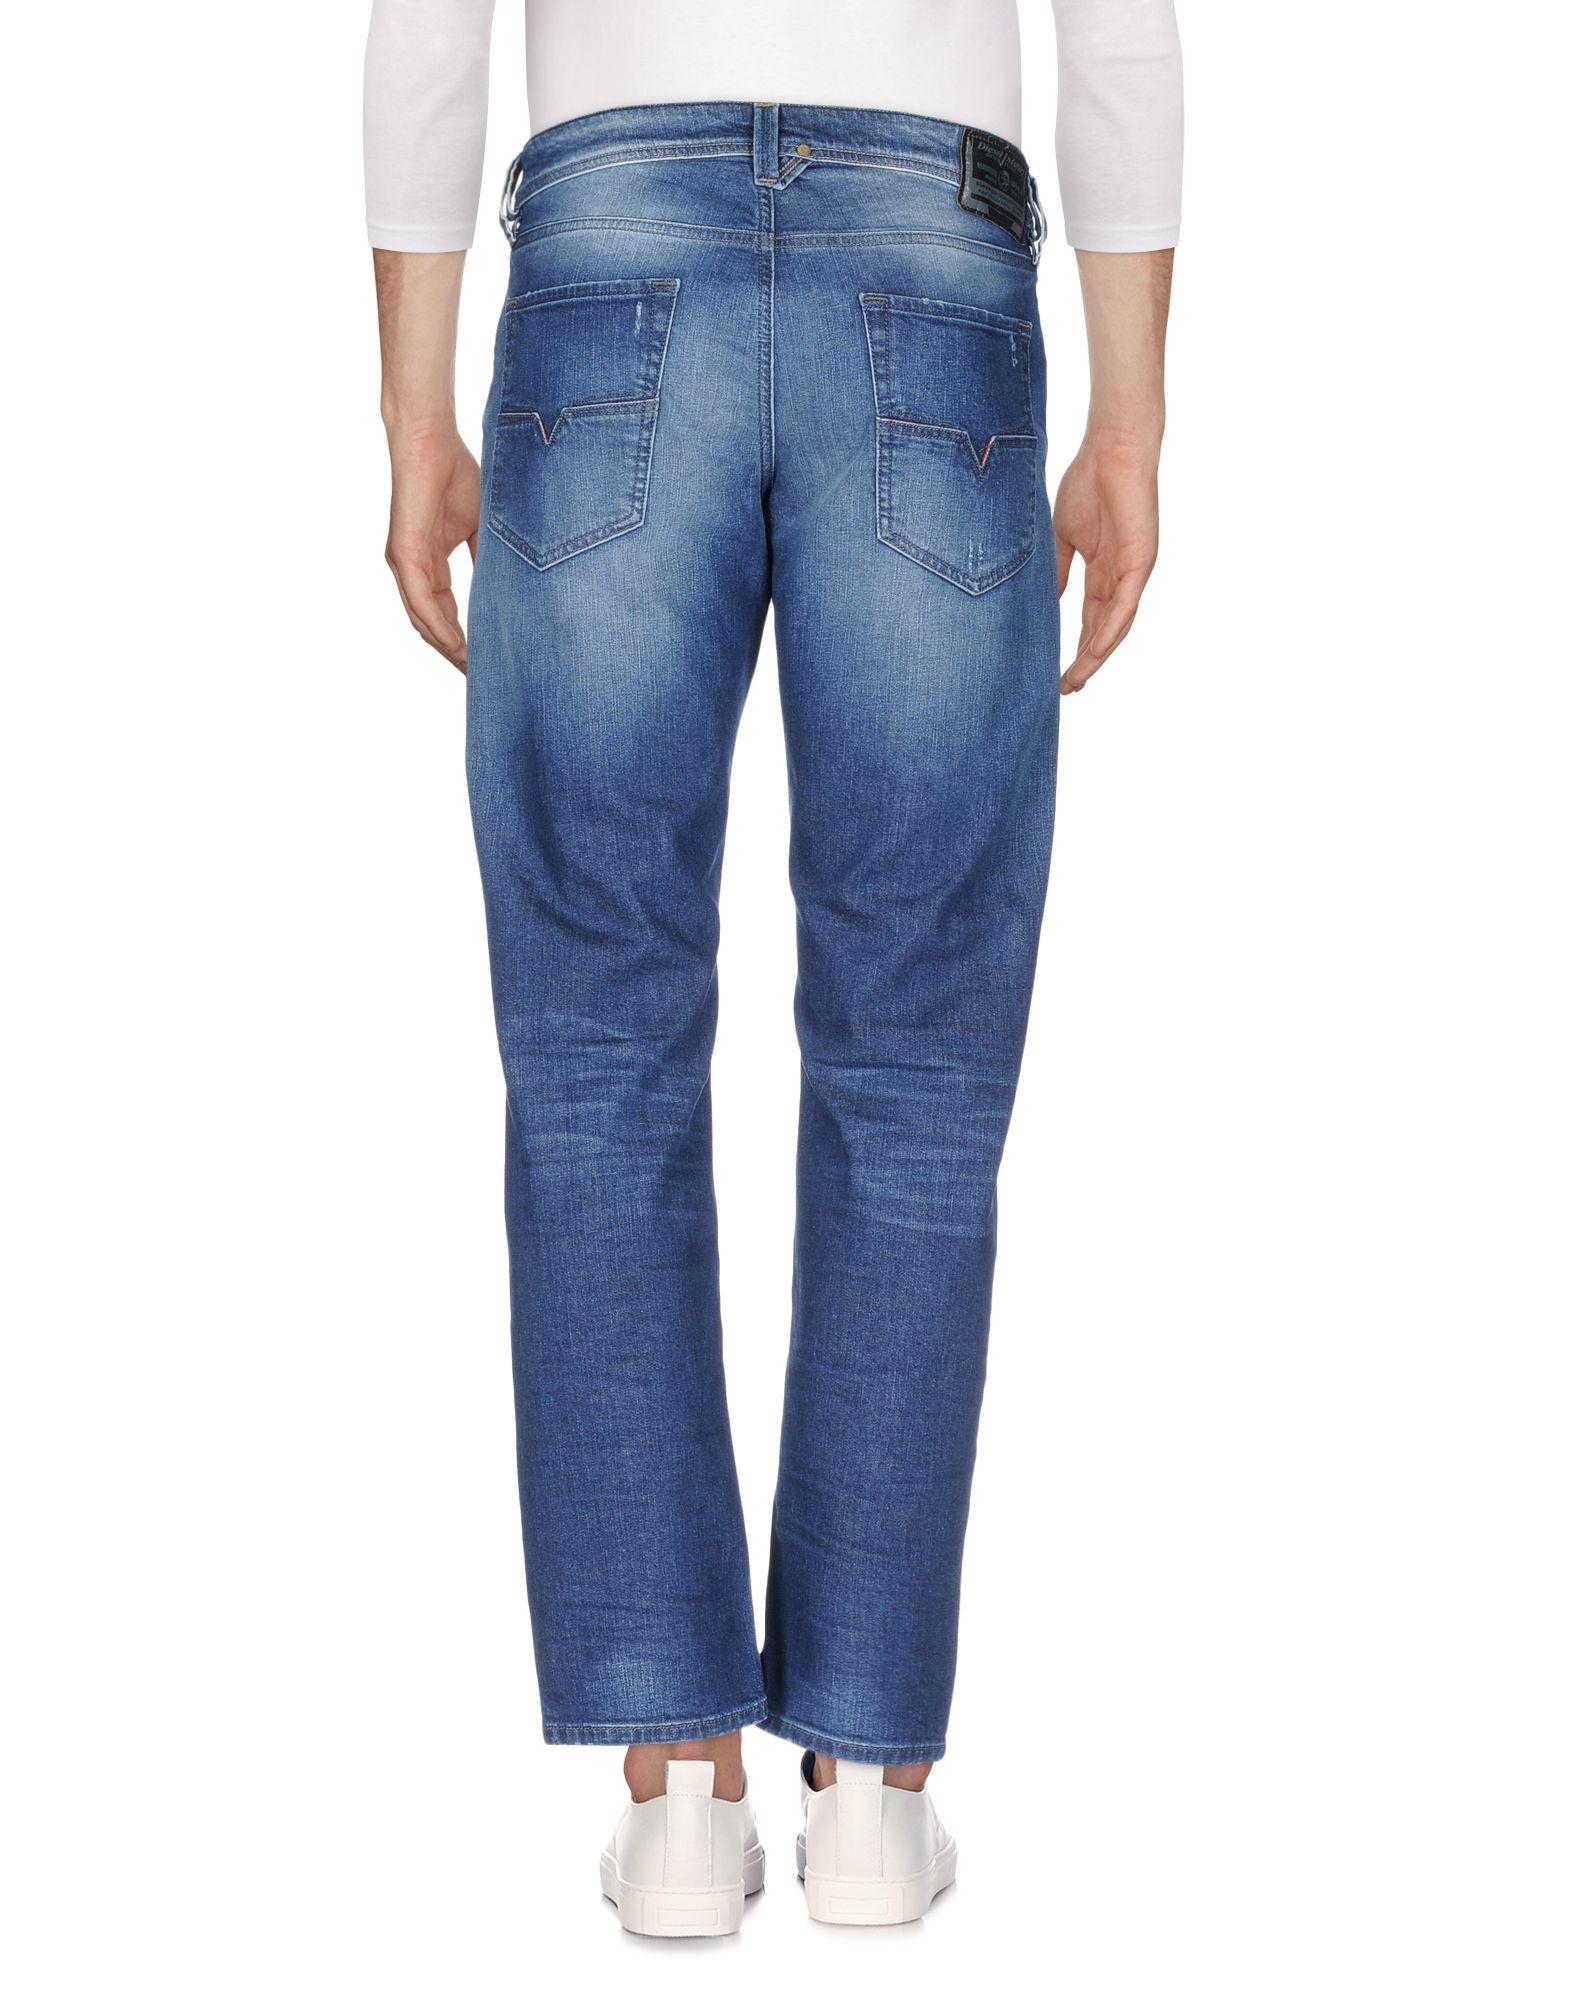 Pantaloni Jeans Diesel Diesel Diesel Uomo - 42653252PV 2cb577